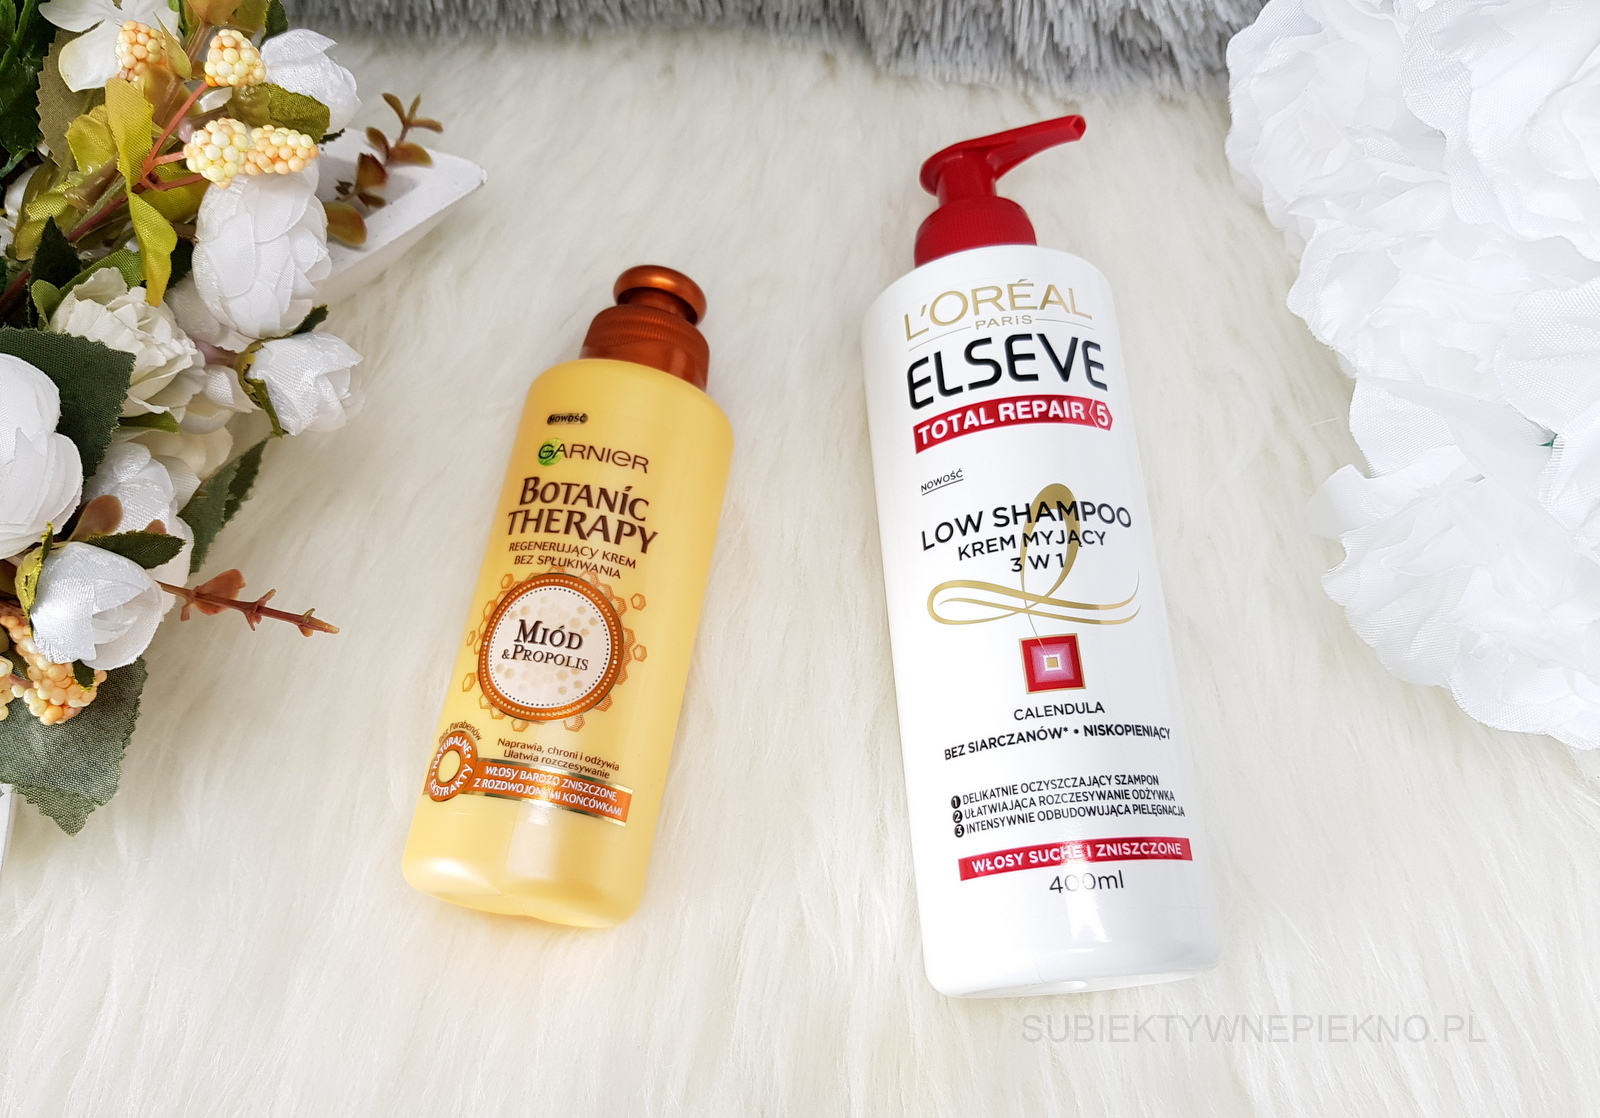 Co kupiłam na promocji w Rossmannie na produkty do włosów marzec 2018 - regenerujący krem Garnier Garnier Botanic Therapy i krem myjący 3w1 L'Oreal Elseve Low Shampoo